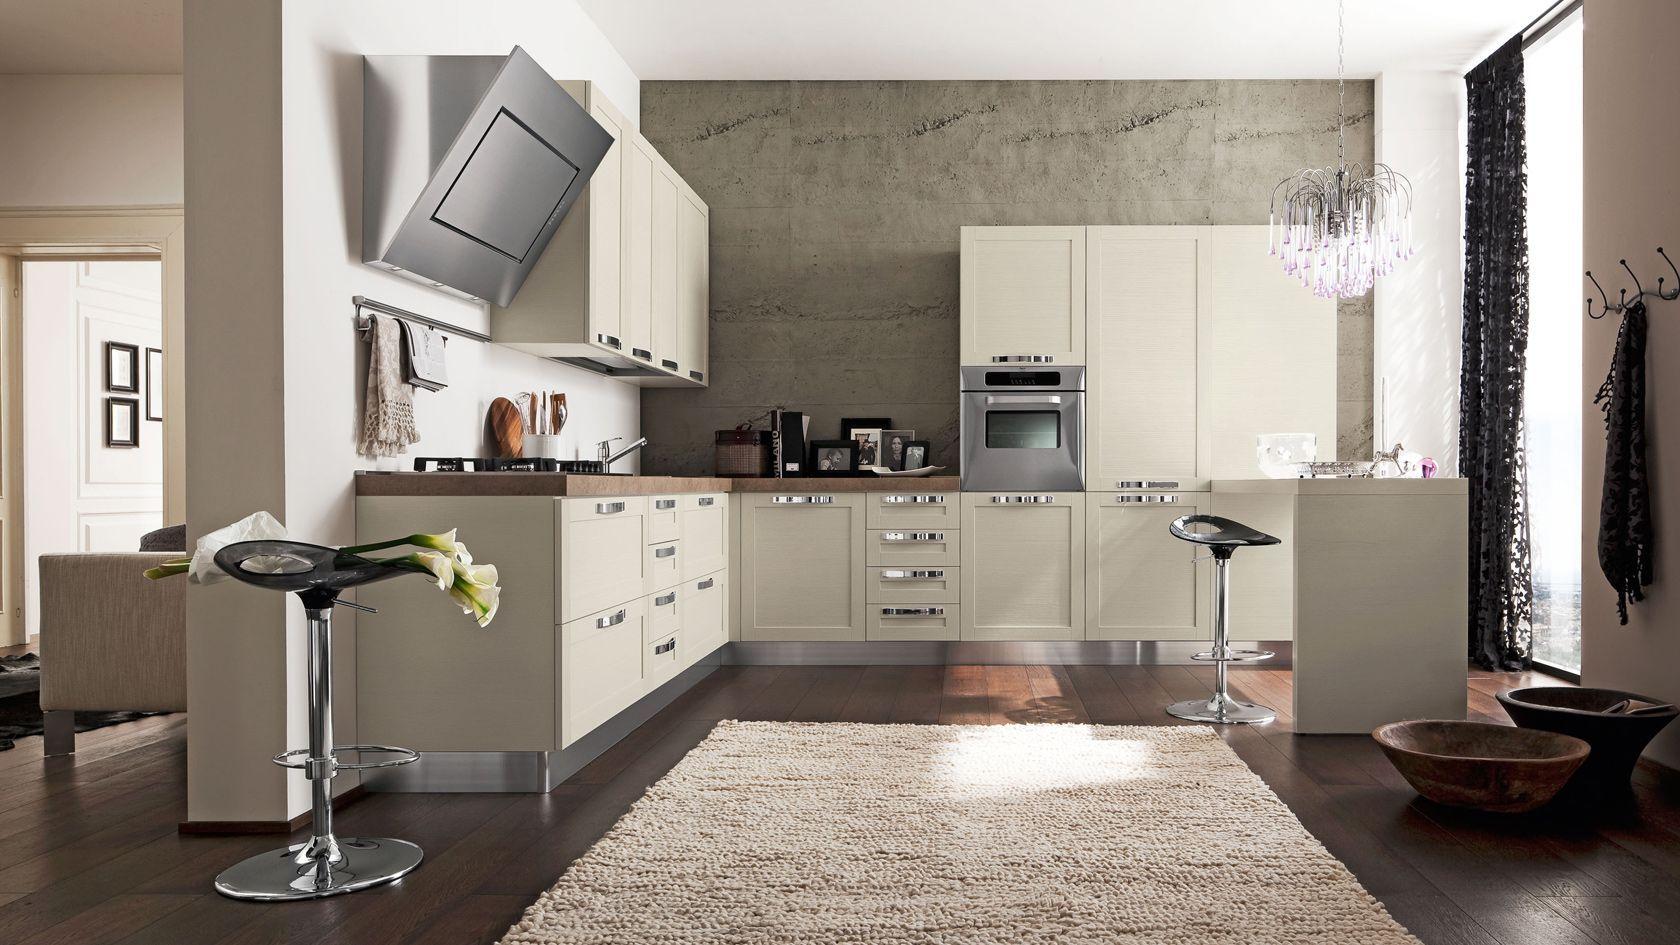 effequattro cucine componibili - prodotti innovativi zona giorno ... - Soluzioni Cucine